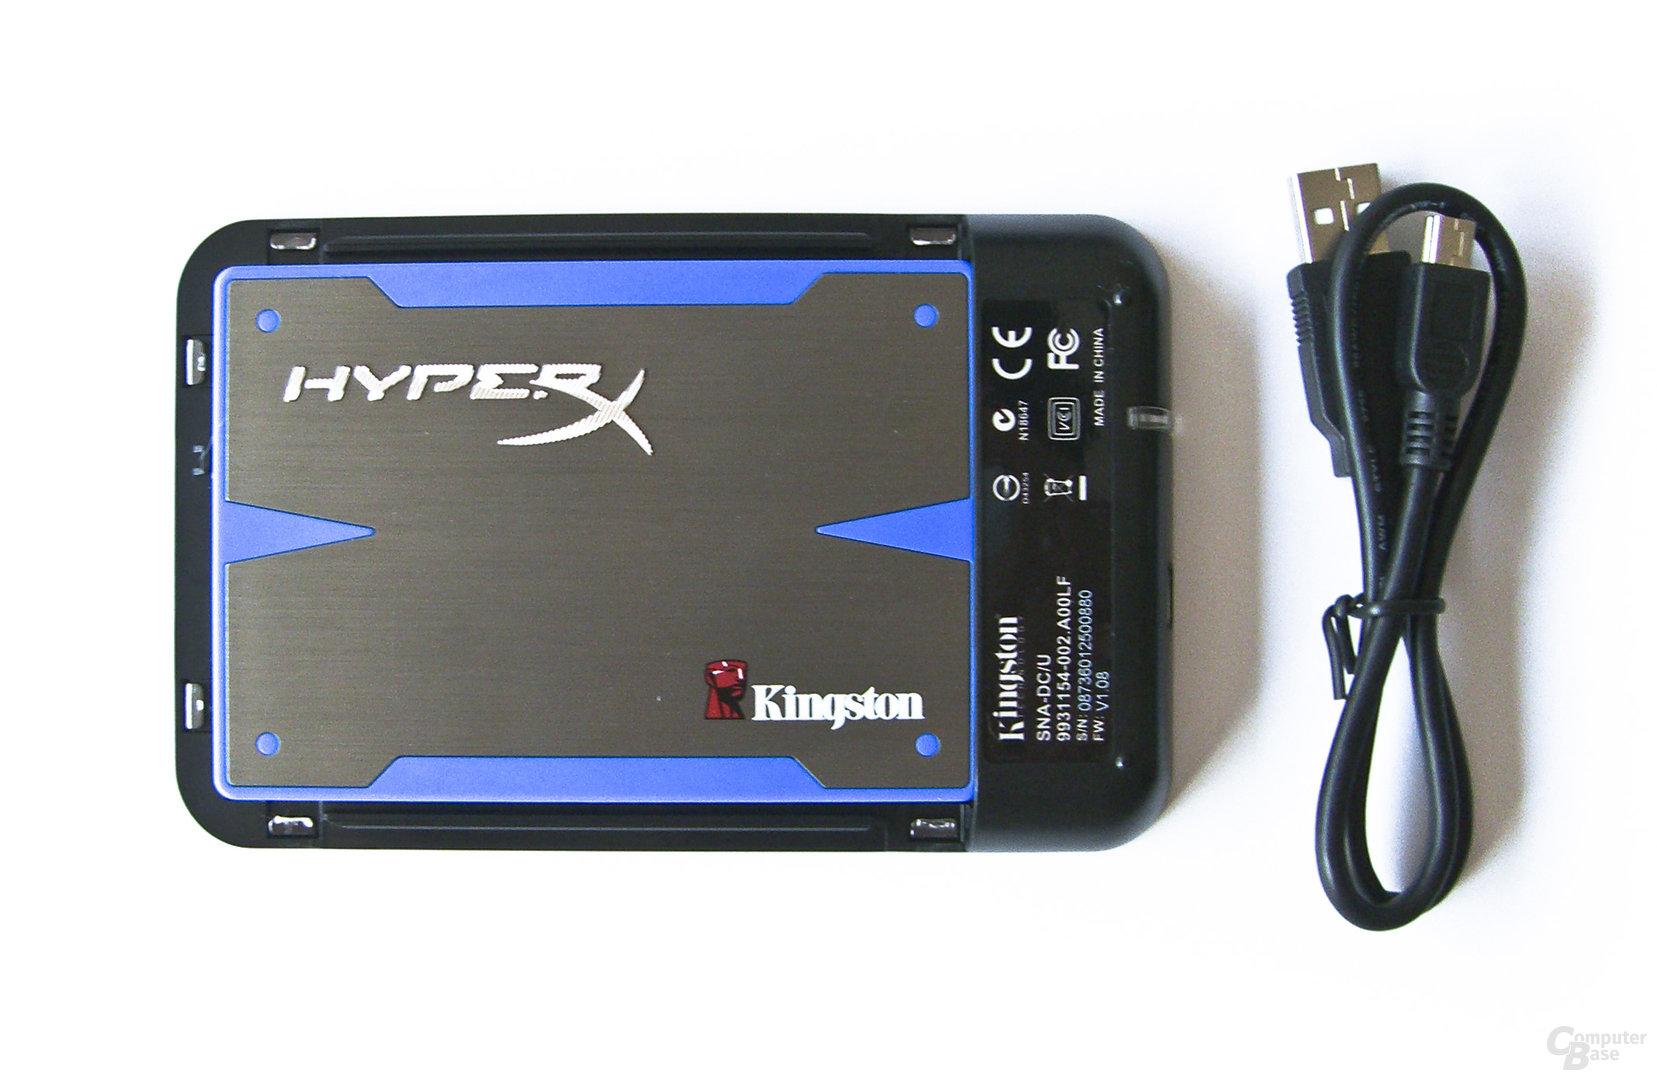 HyperX USB